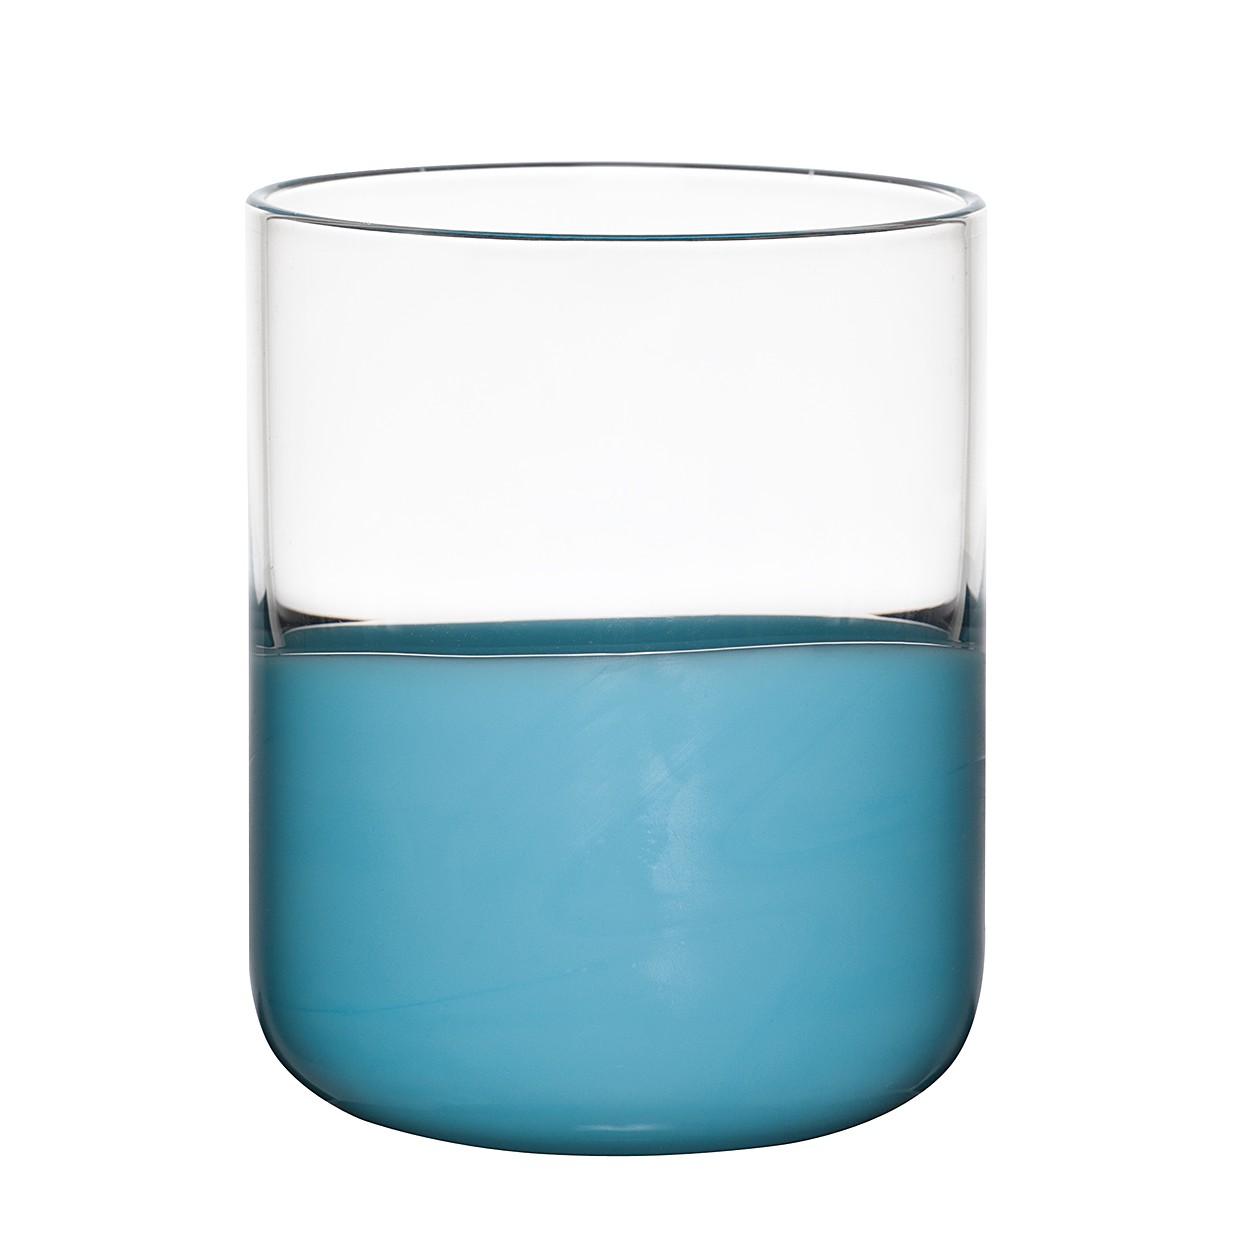 Trinkglas Spot (6er-Set) – Glas – Hellblau, BITOSSI HOME online kaufen